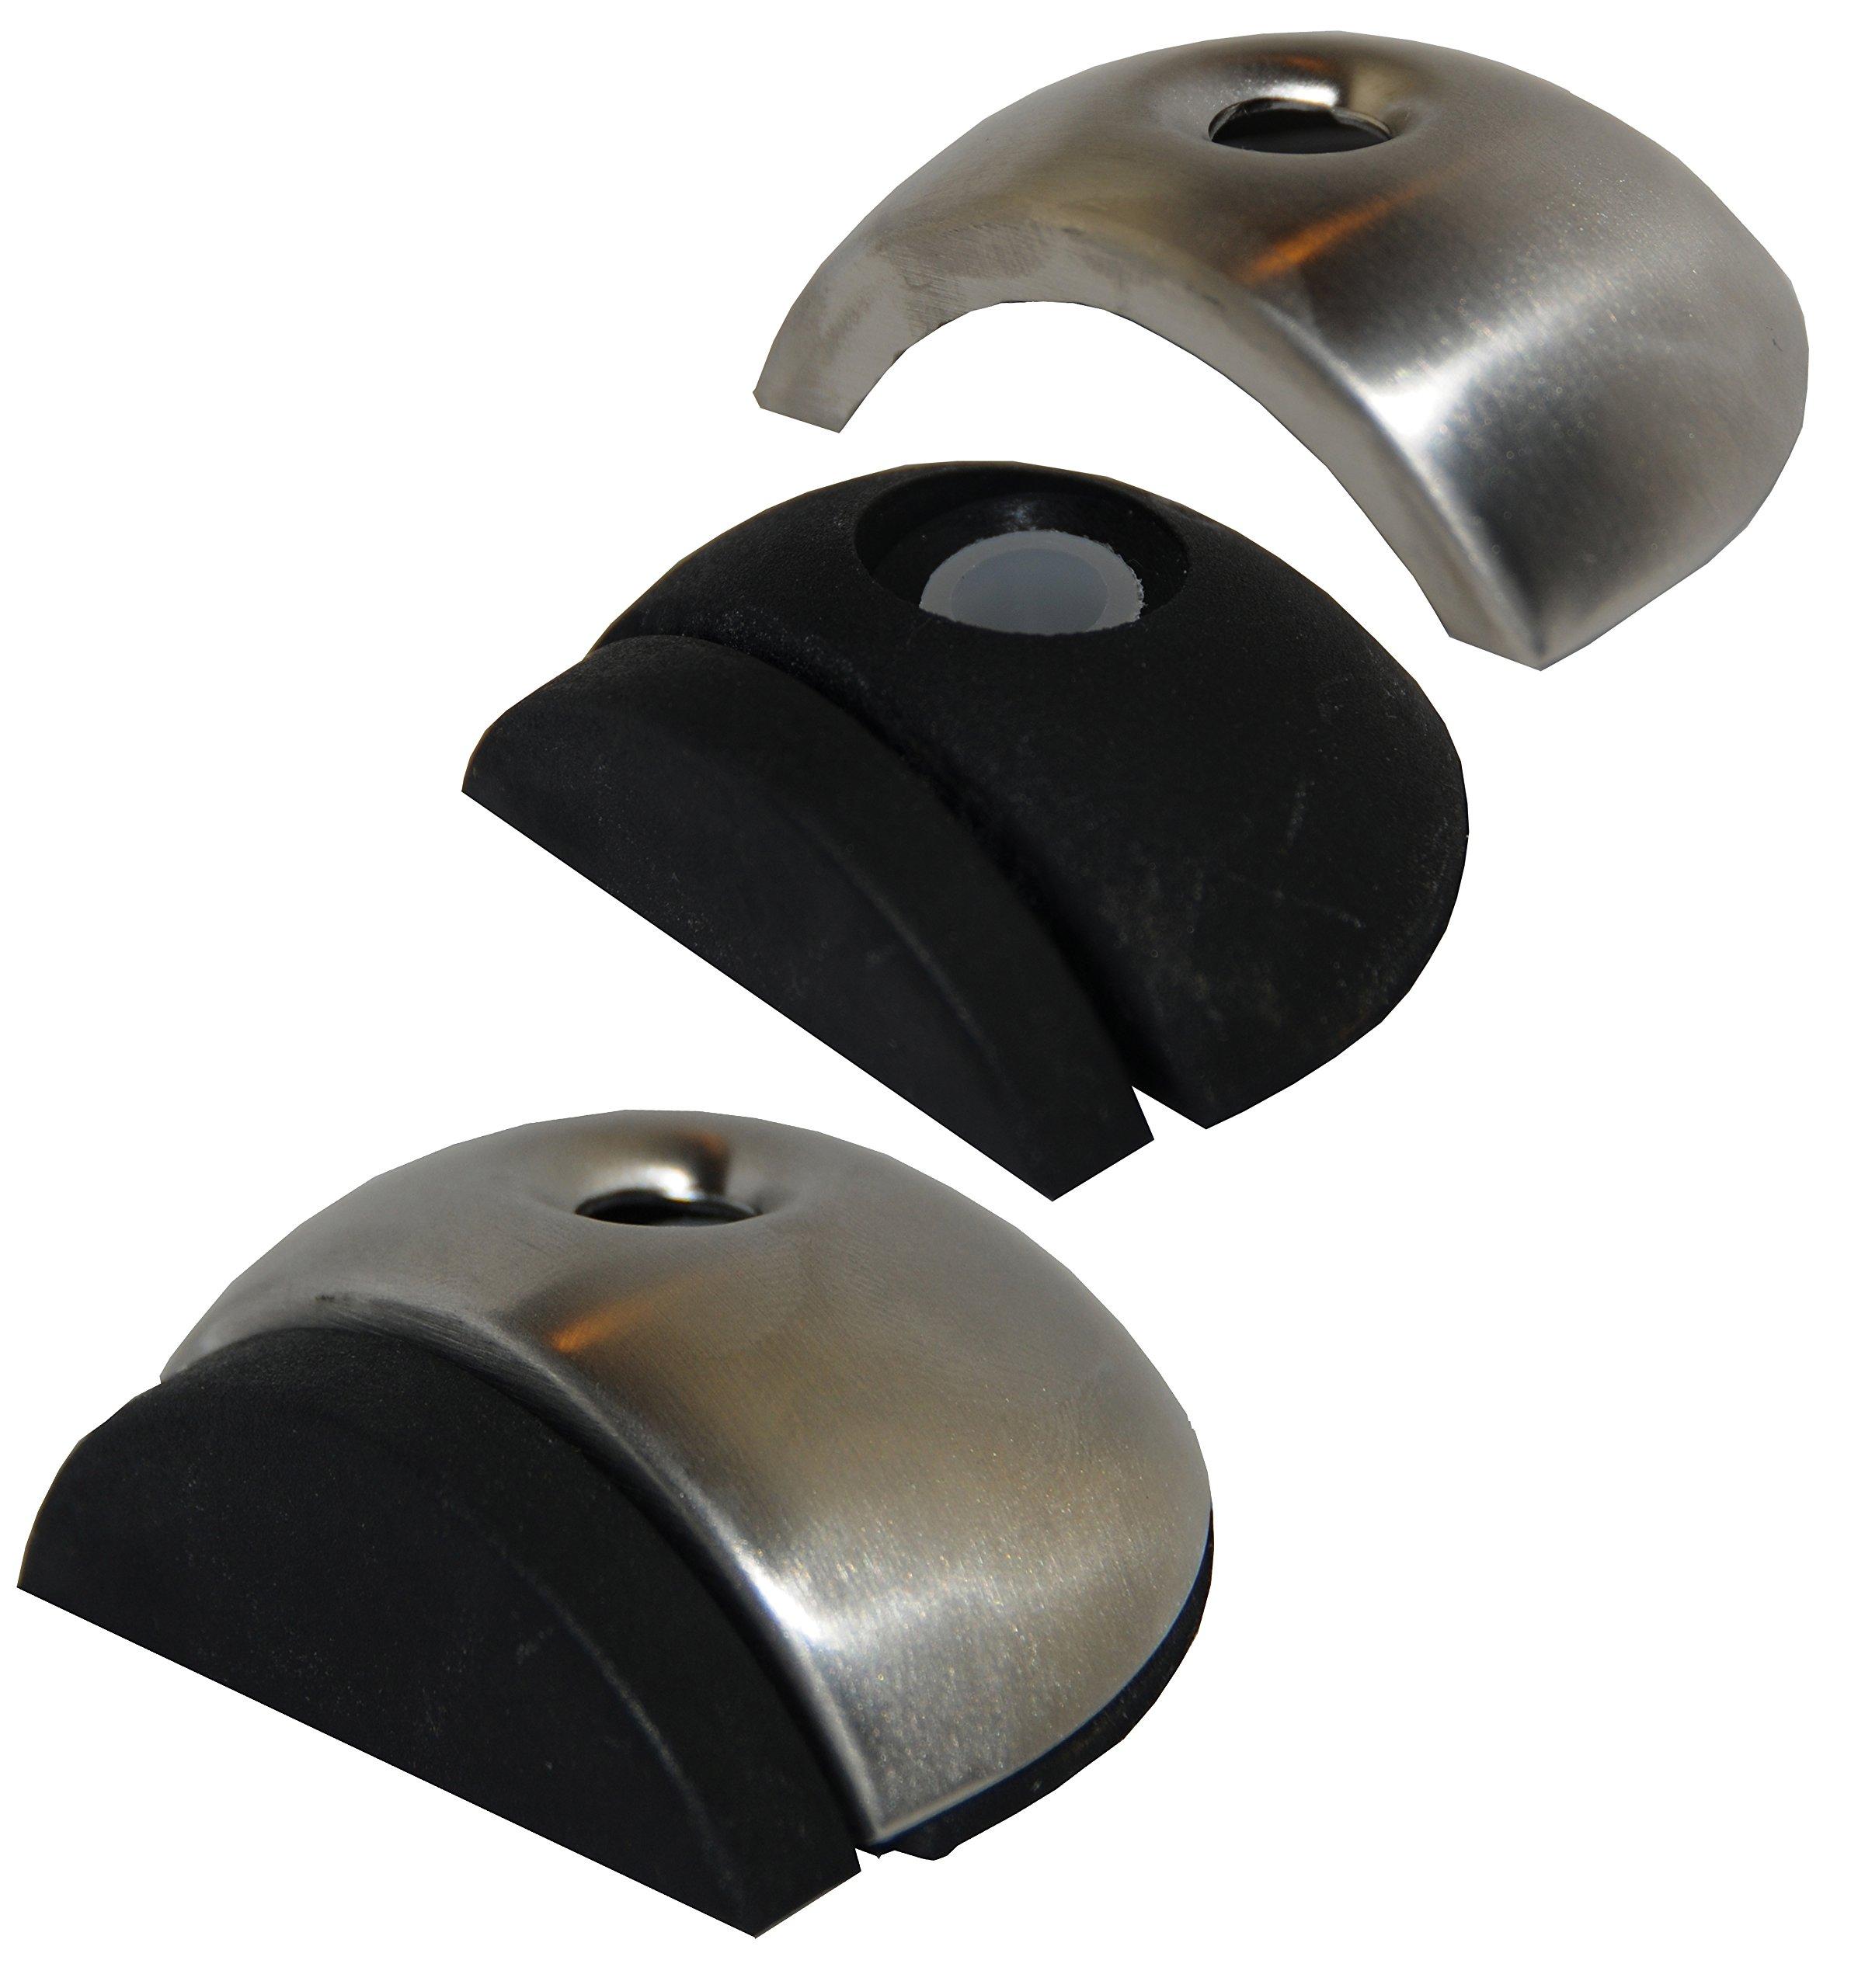 Set of 3 Stainless Steel Floor Mount Door Stopper, Rubber Bumper, Heavy Duty, 2''